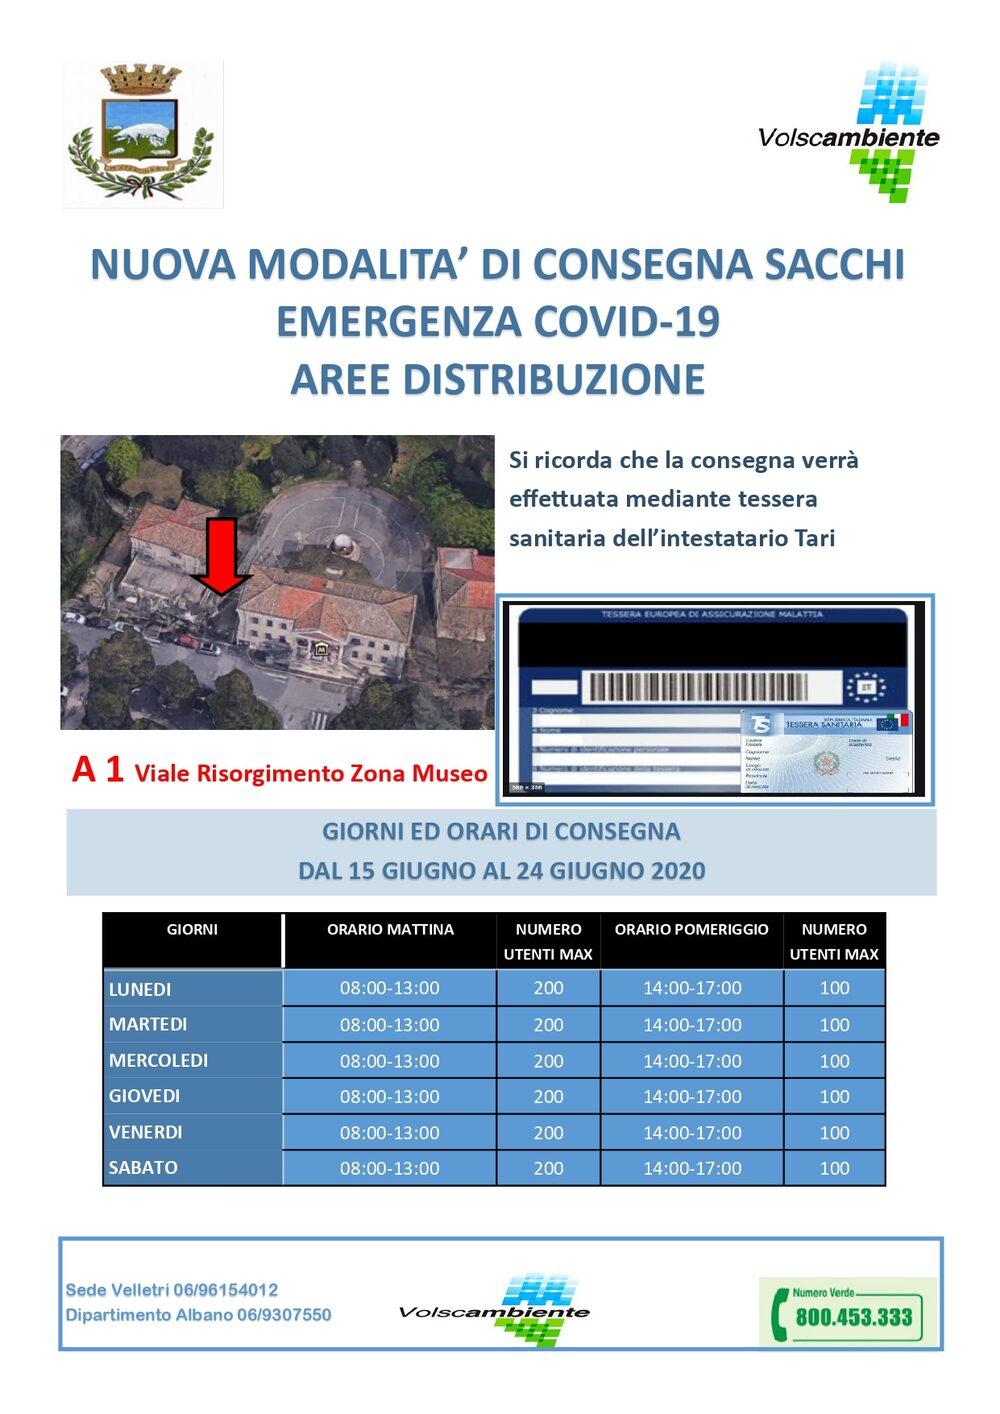 ALBANO CENTRO - A 1 - Viale Risorgimento (Museo) - dal 15 al 24 Giugno 2020